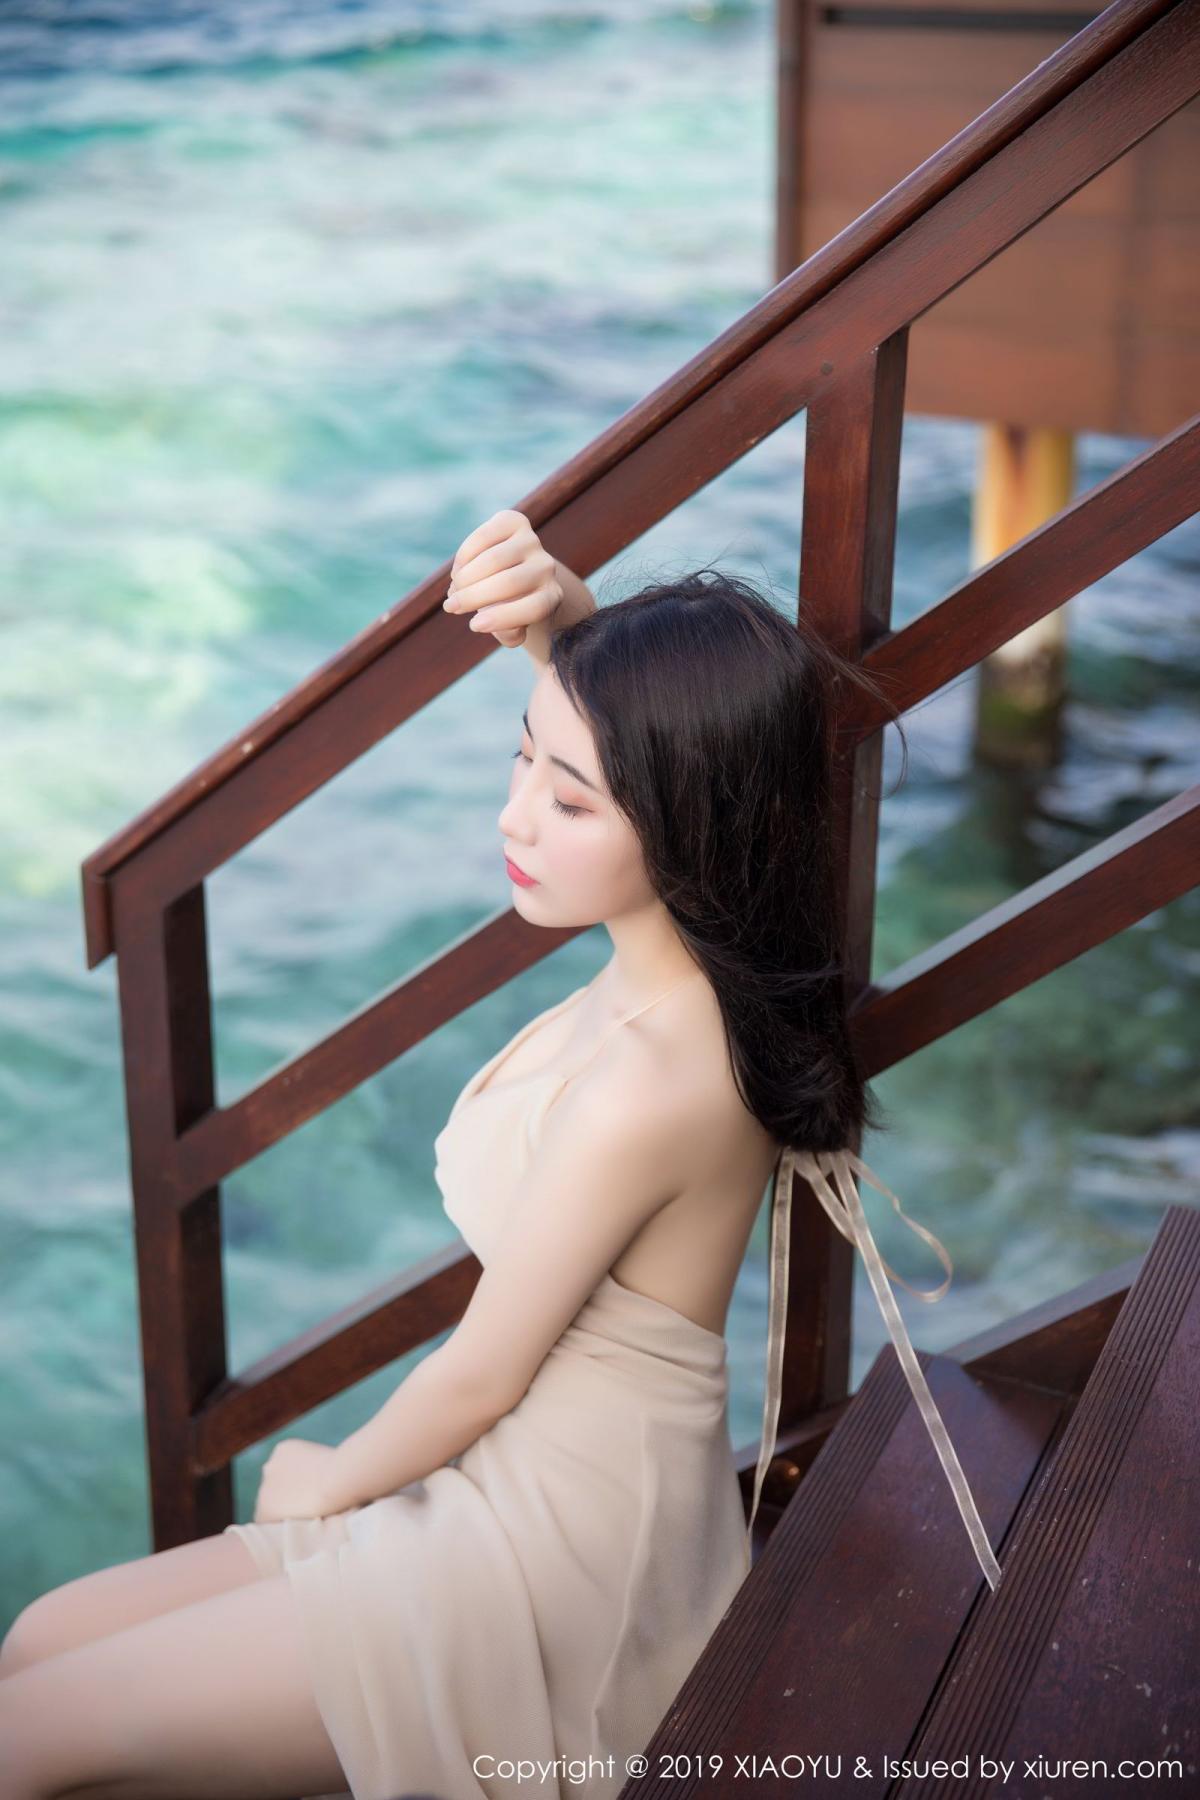 [XiaoYu] Vol.147 Xie Zhi Xin 2P, Bathroom, Big Booty, Wet, XiaoYu, Xie Zhi Xin